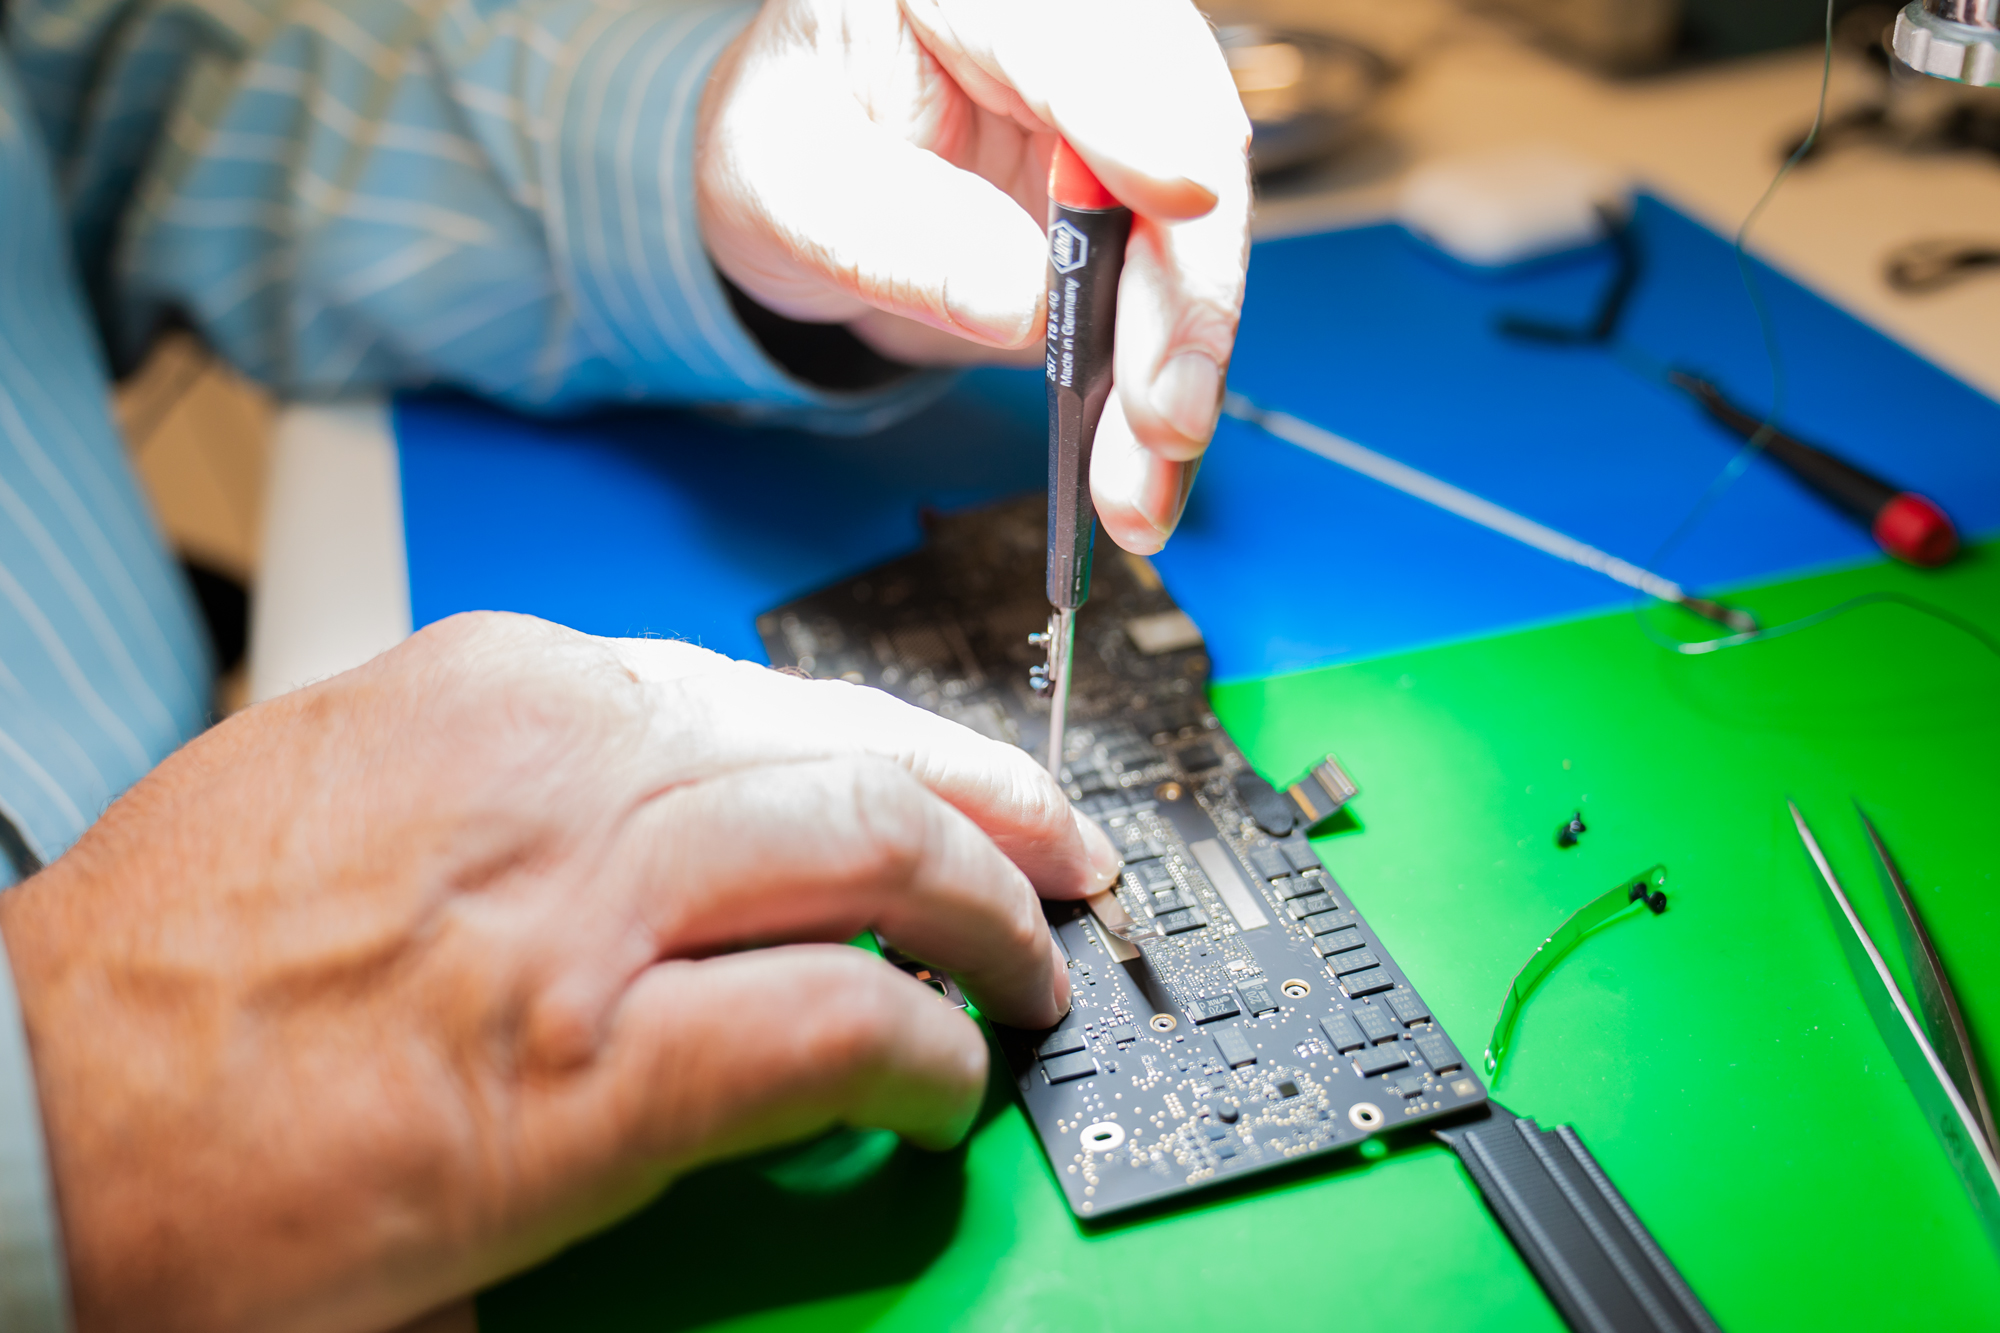 iresQ device repair